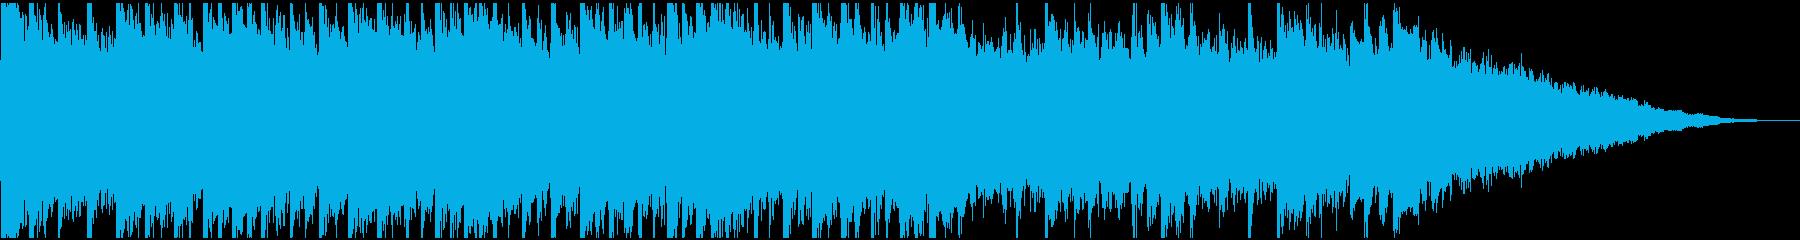 30秒企業VP30,コーポレート,疾走感の再生済みの波形